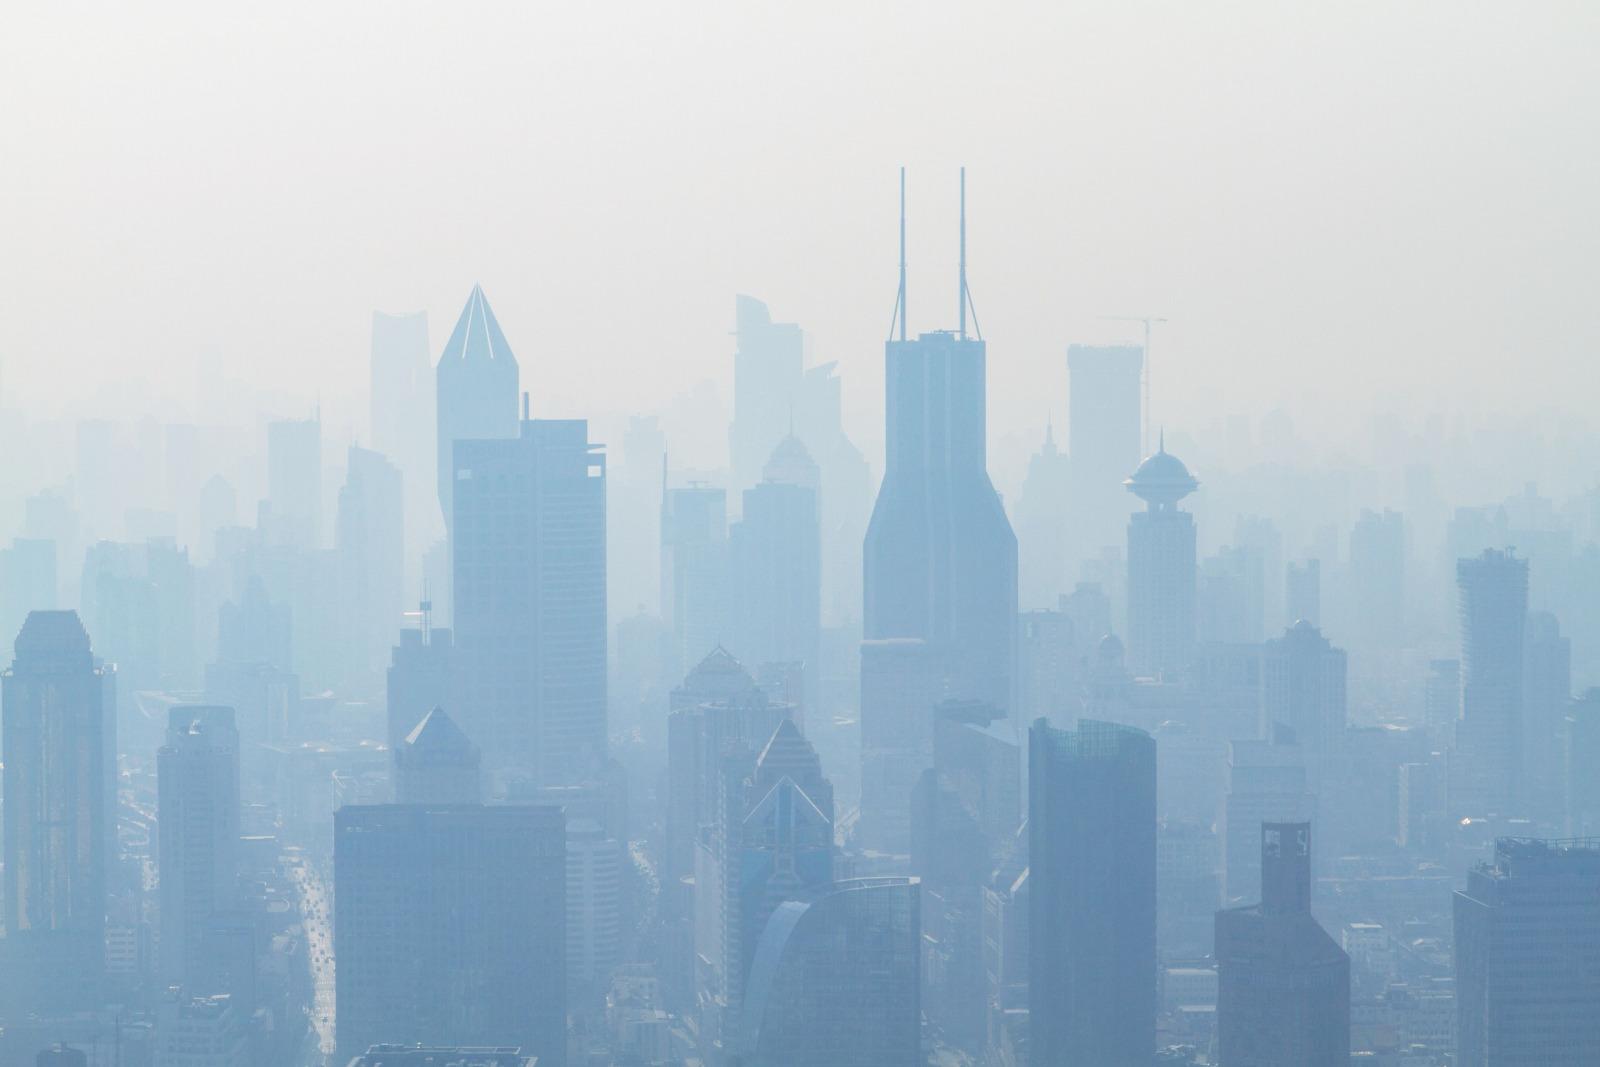 china shanghai smog photoholgic wZTiKB6rQYY unsplash